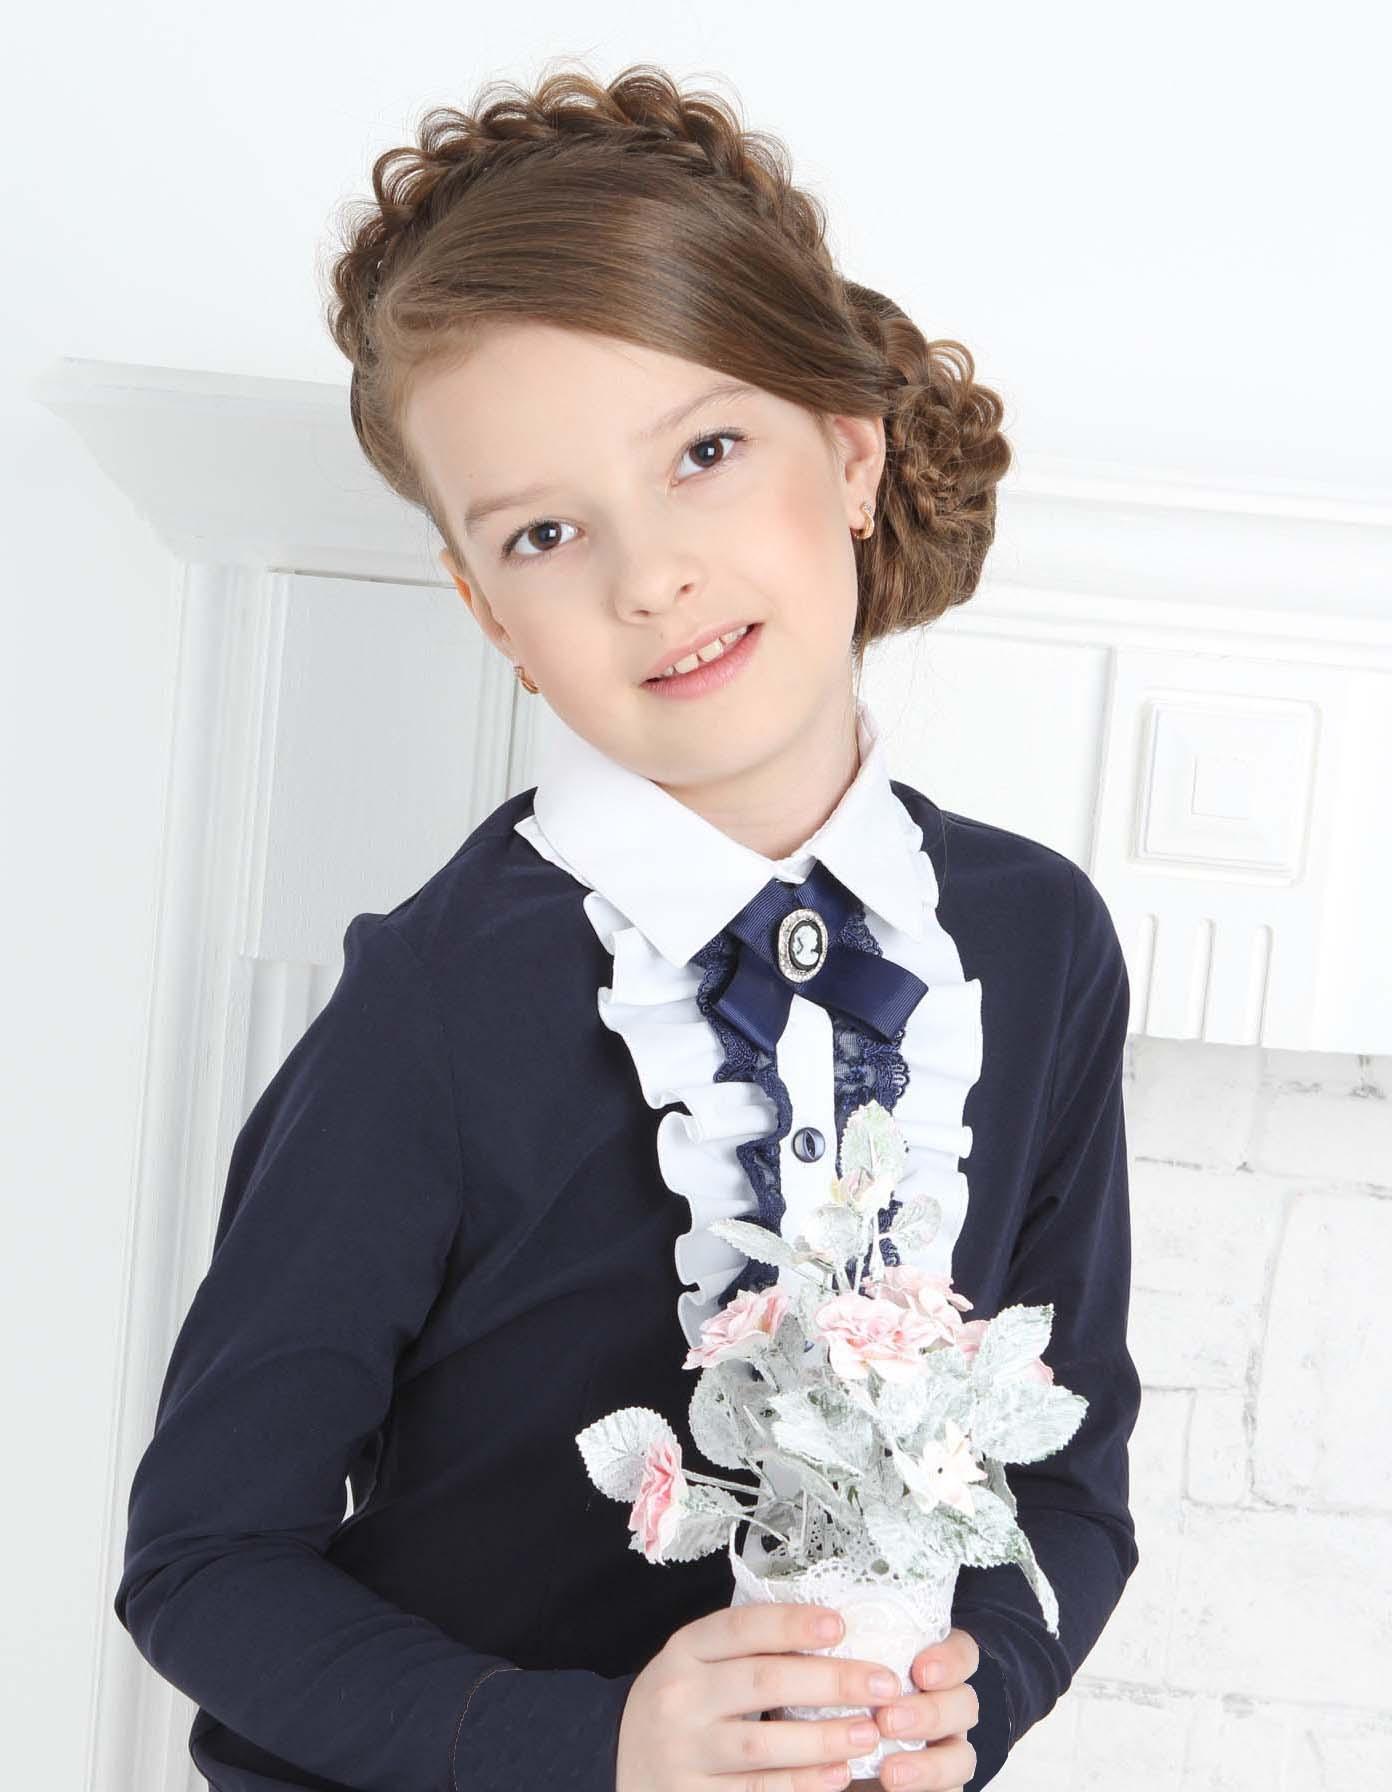 Сбор заказов. R.i.o.n.a.k.i.d.s - элегантные девочки. Школьные блузки и водолазки высшего качества, есть модели для девочек склонных к полноте. Спортивная коллекция! Плащи и ветровки. Без рядов!-4